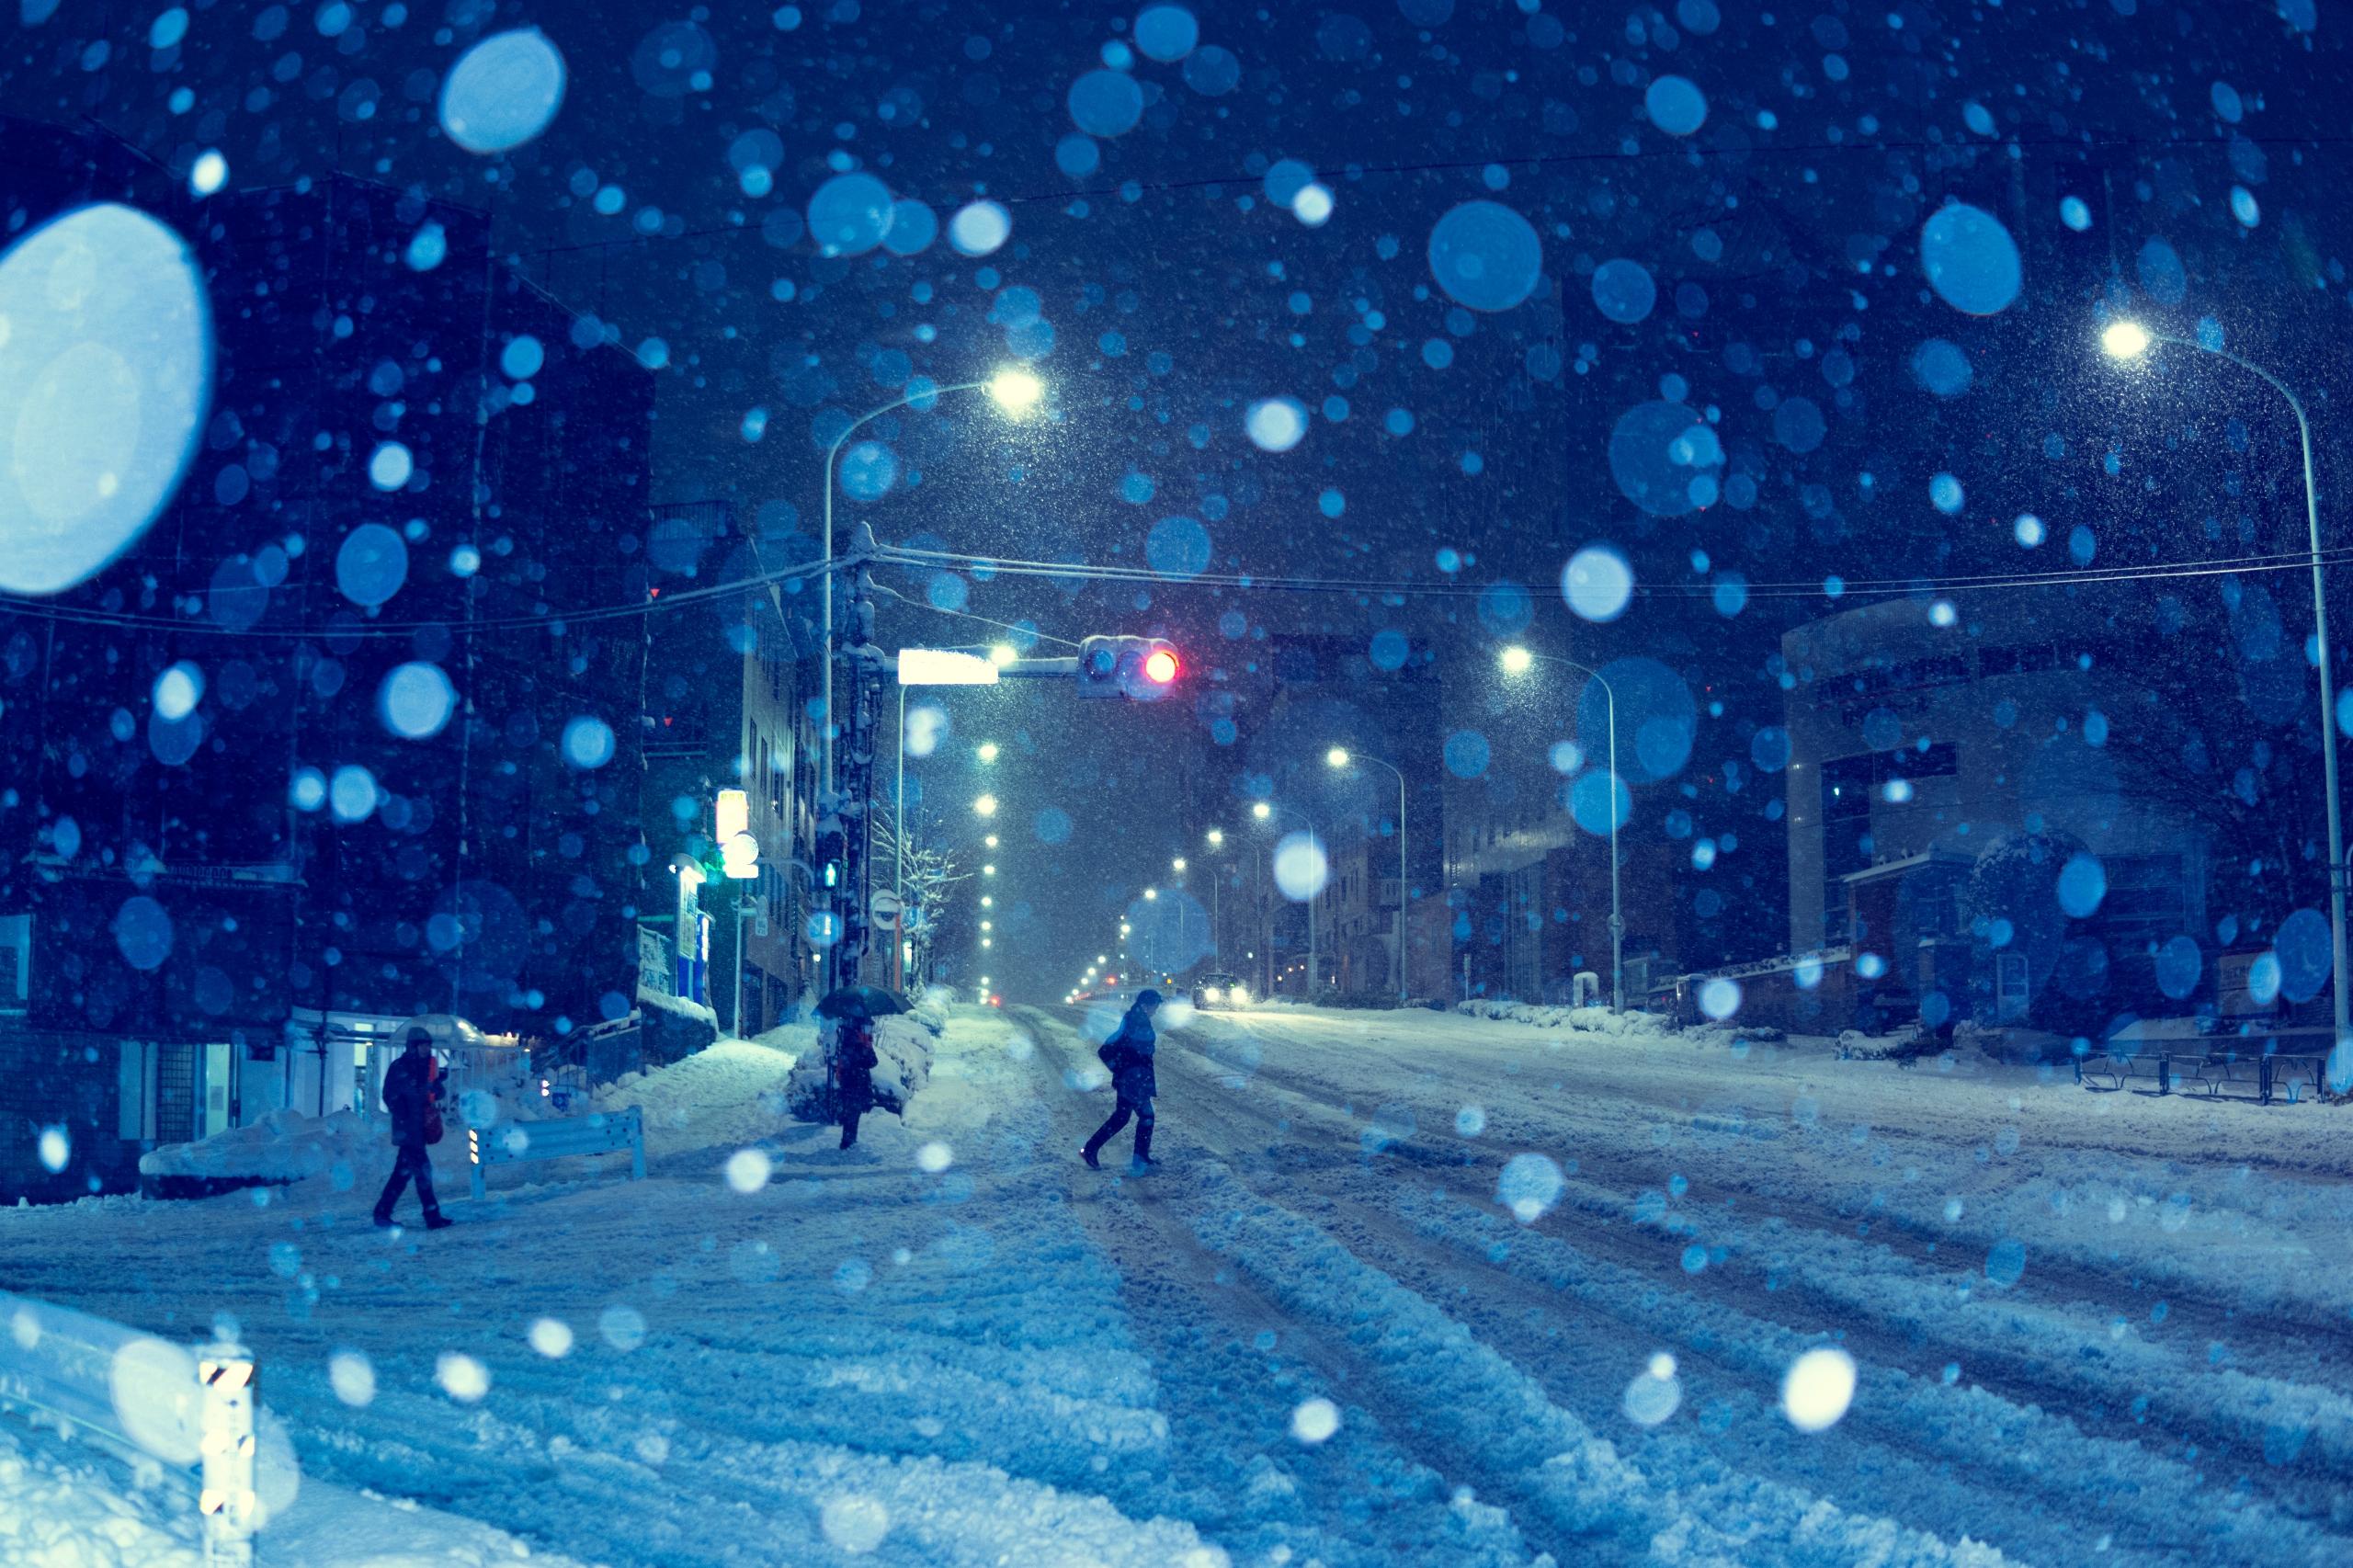 Snow Tokyo Ryuzin Taketomi - peeano | ello